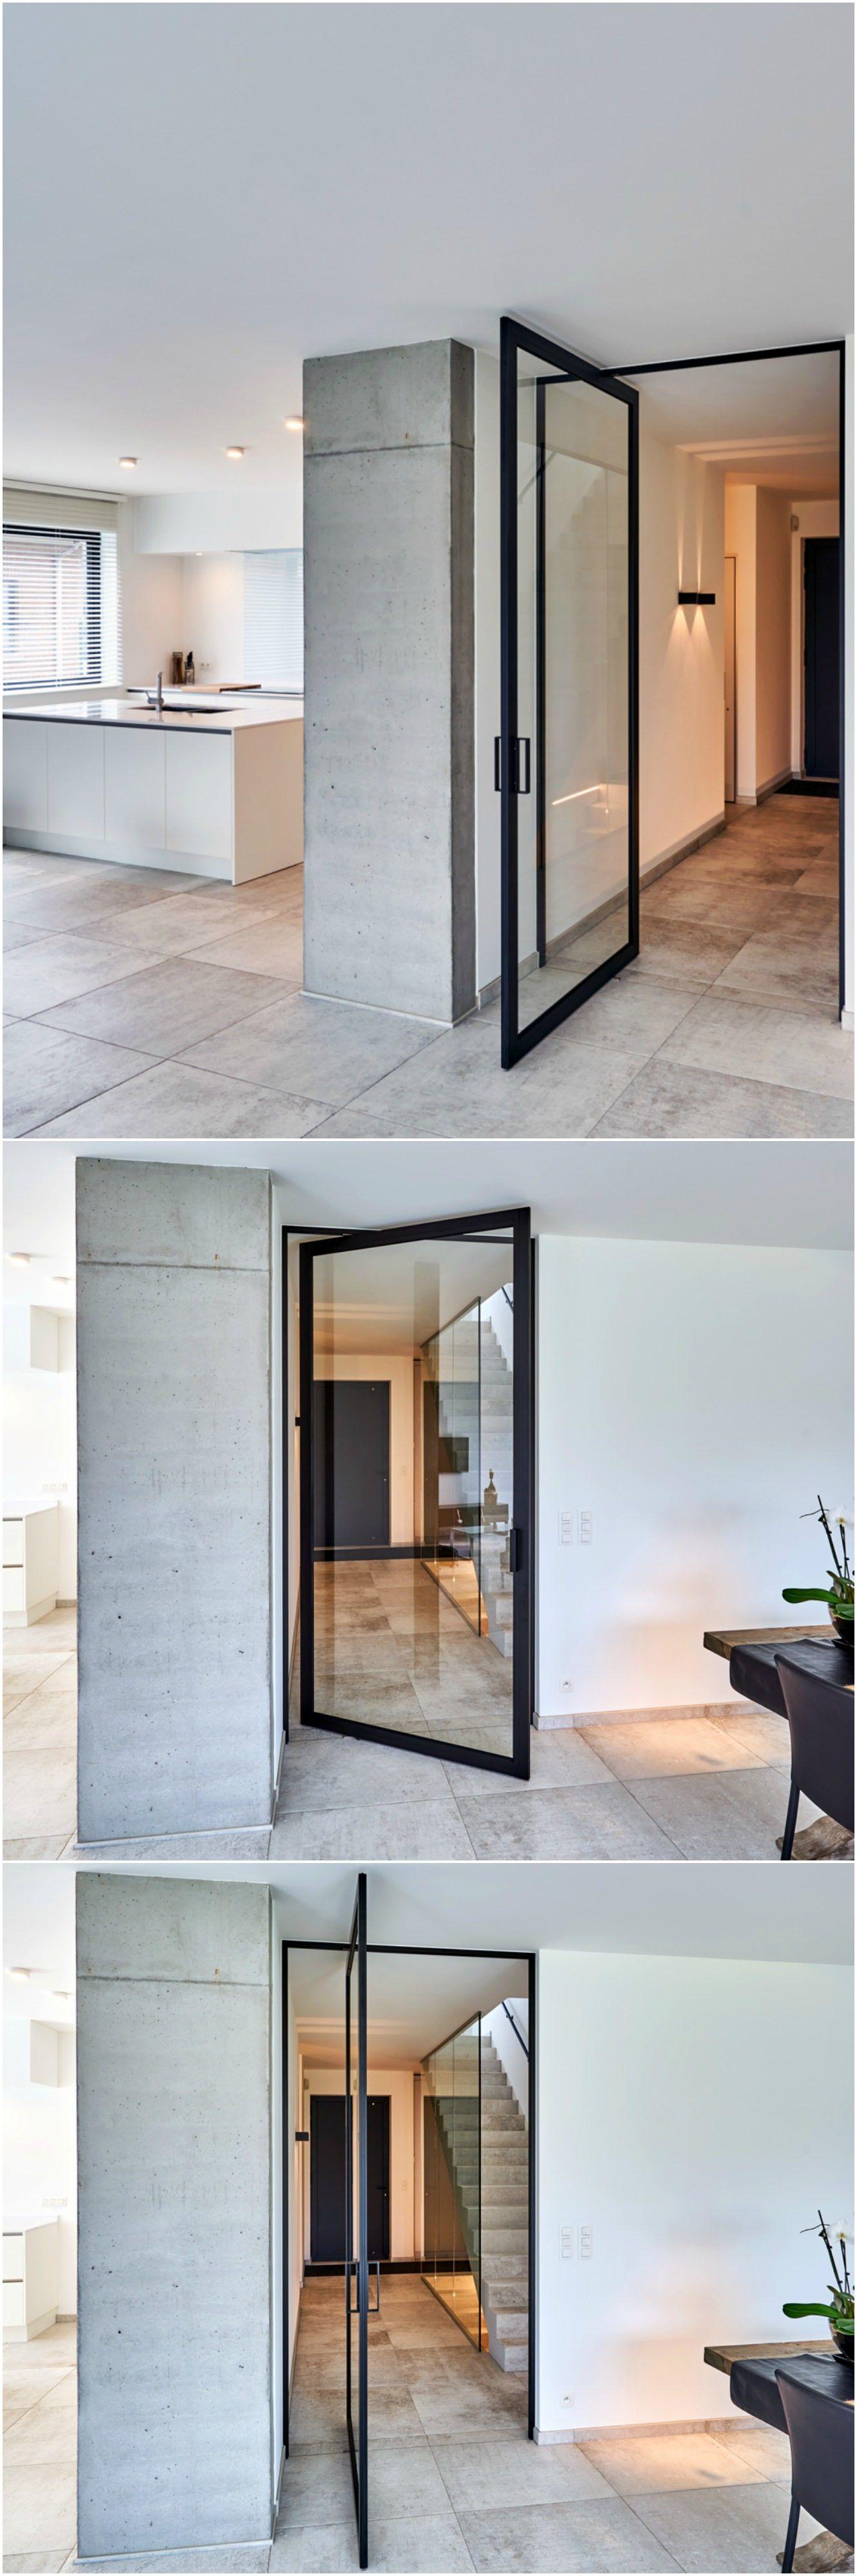 porte vitr e sur pivot d sax anyway doors fourni des portes pivotantes sans pivot de sol ni. Black Bedroom Furniture Sets. Home Design Ideas